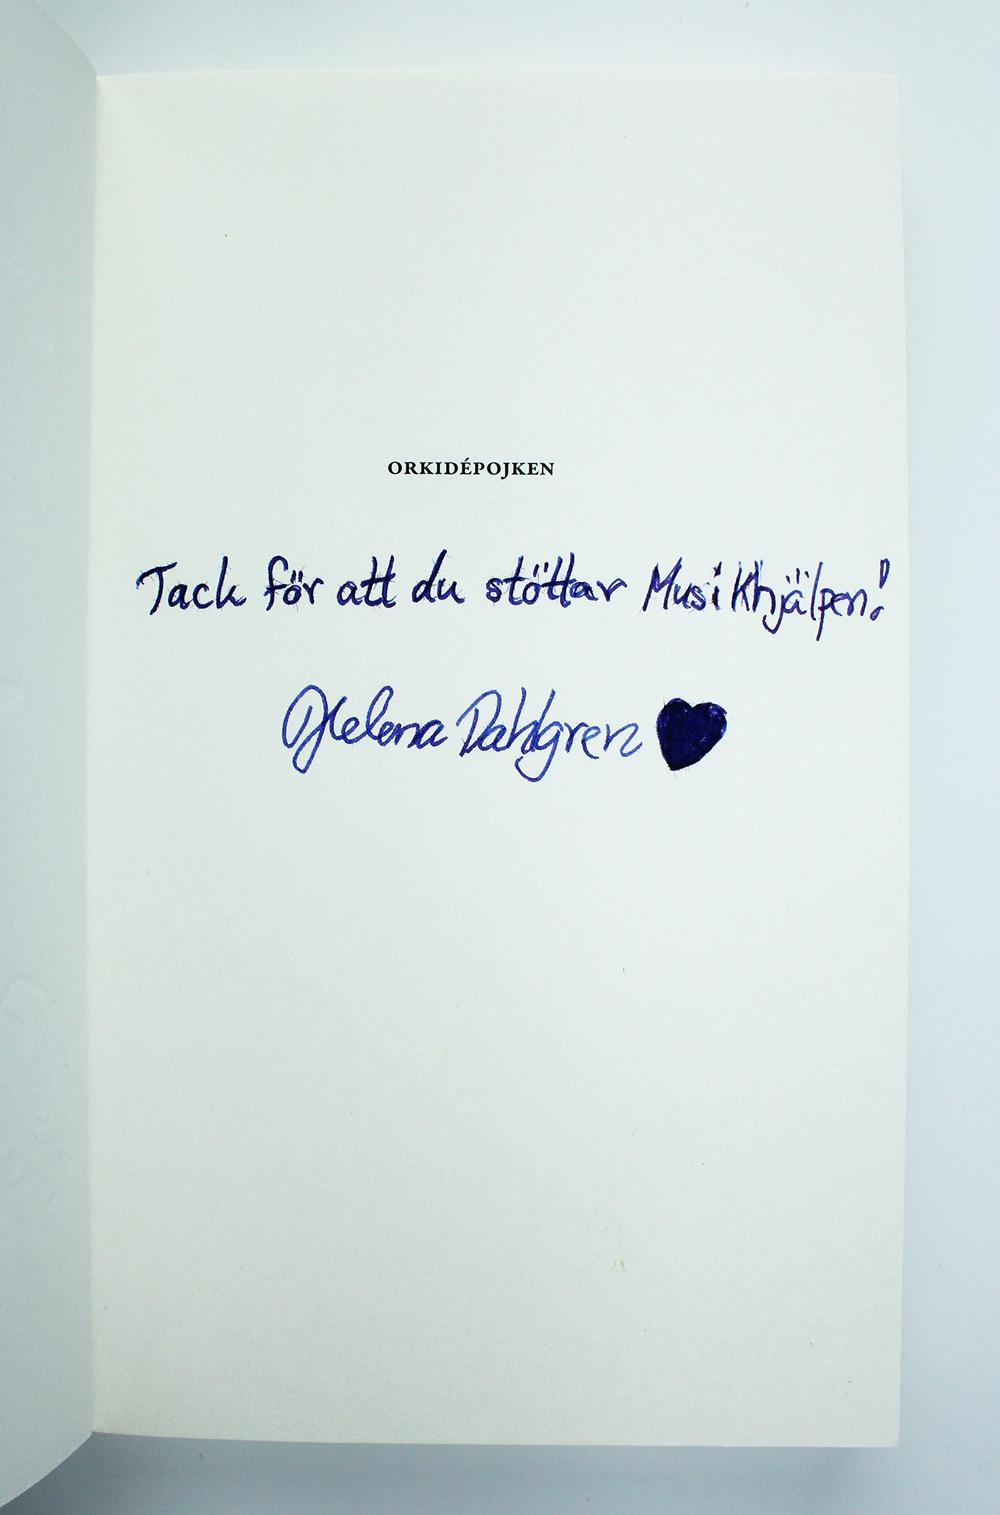 helena-dahlgren-signering